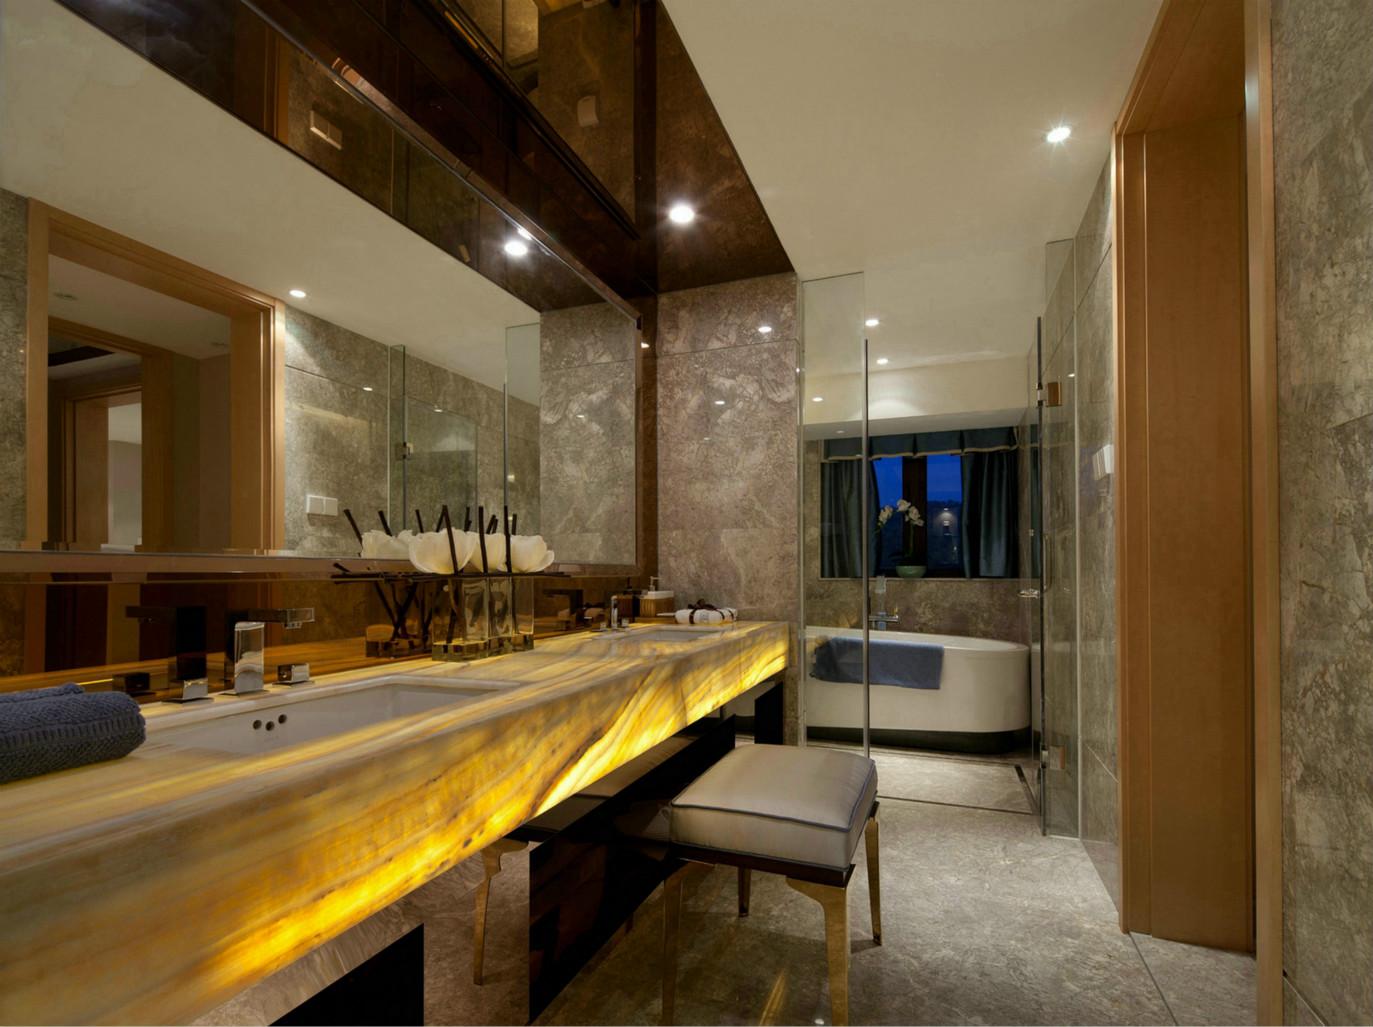 卫生间的洗浴池和洗手台隔离开,做了充足的隔离